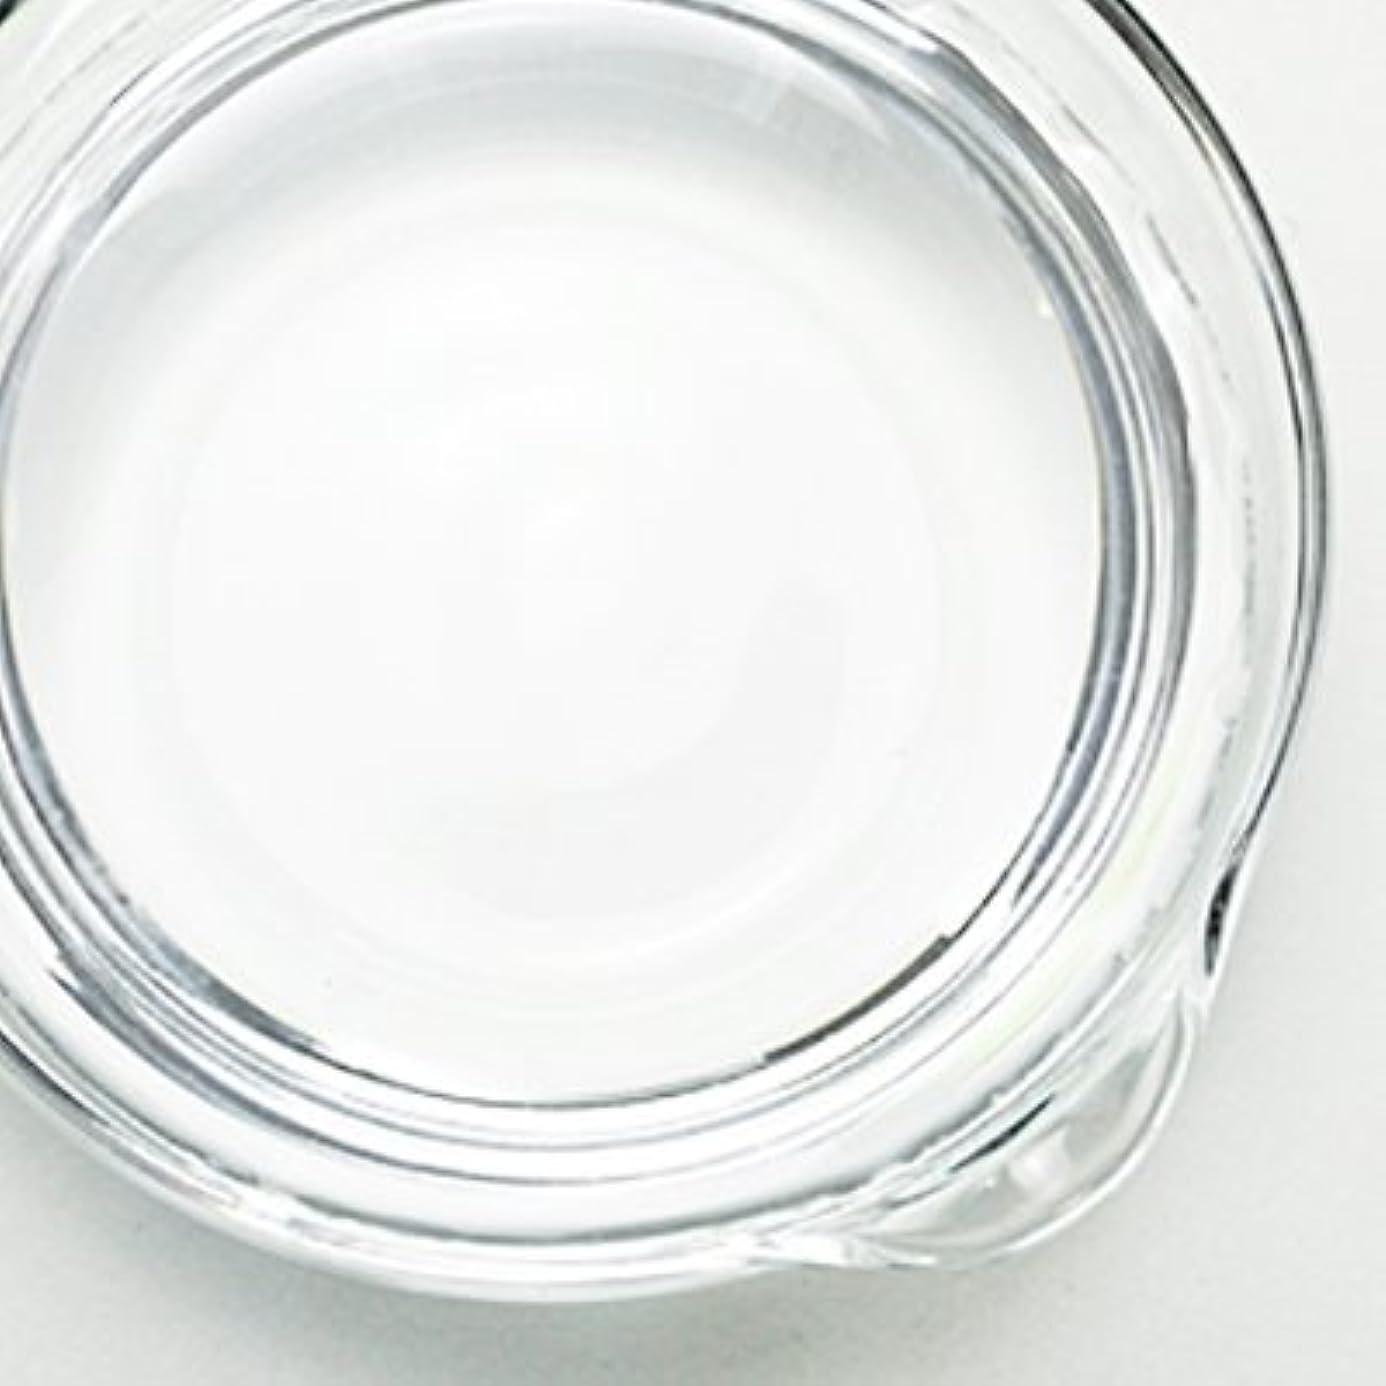 スリラー連隊頑固な1,3-プロパンジオール[PG] 500ml 【手作り石鹸/手作りコスメ】